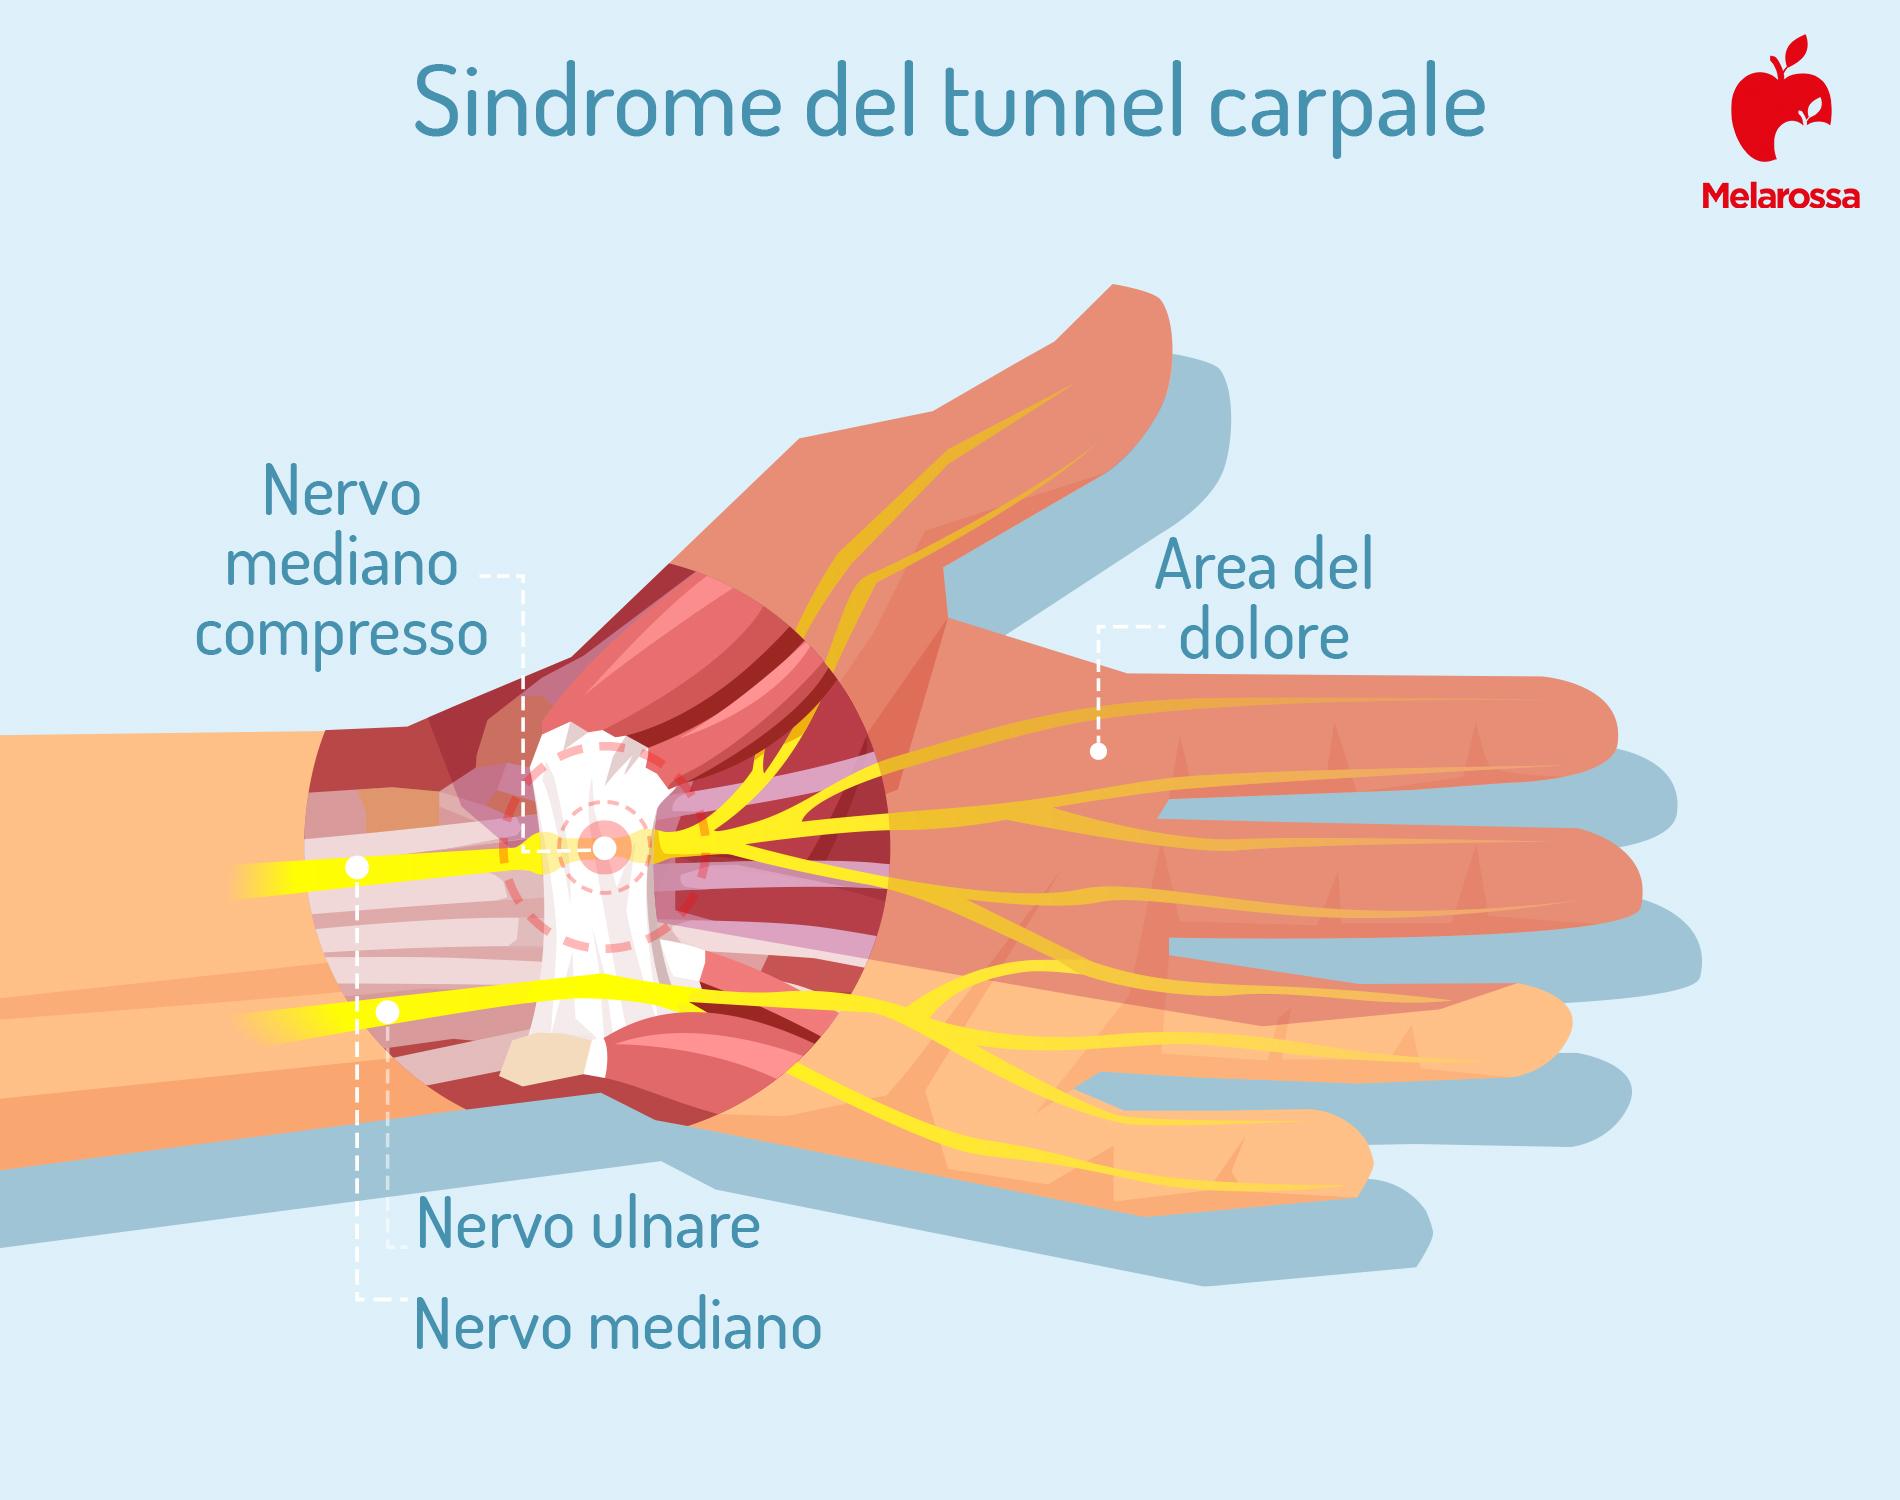 sindrome del tunnel carpale: che cos'è